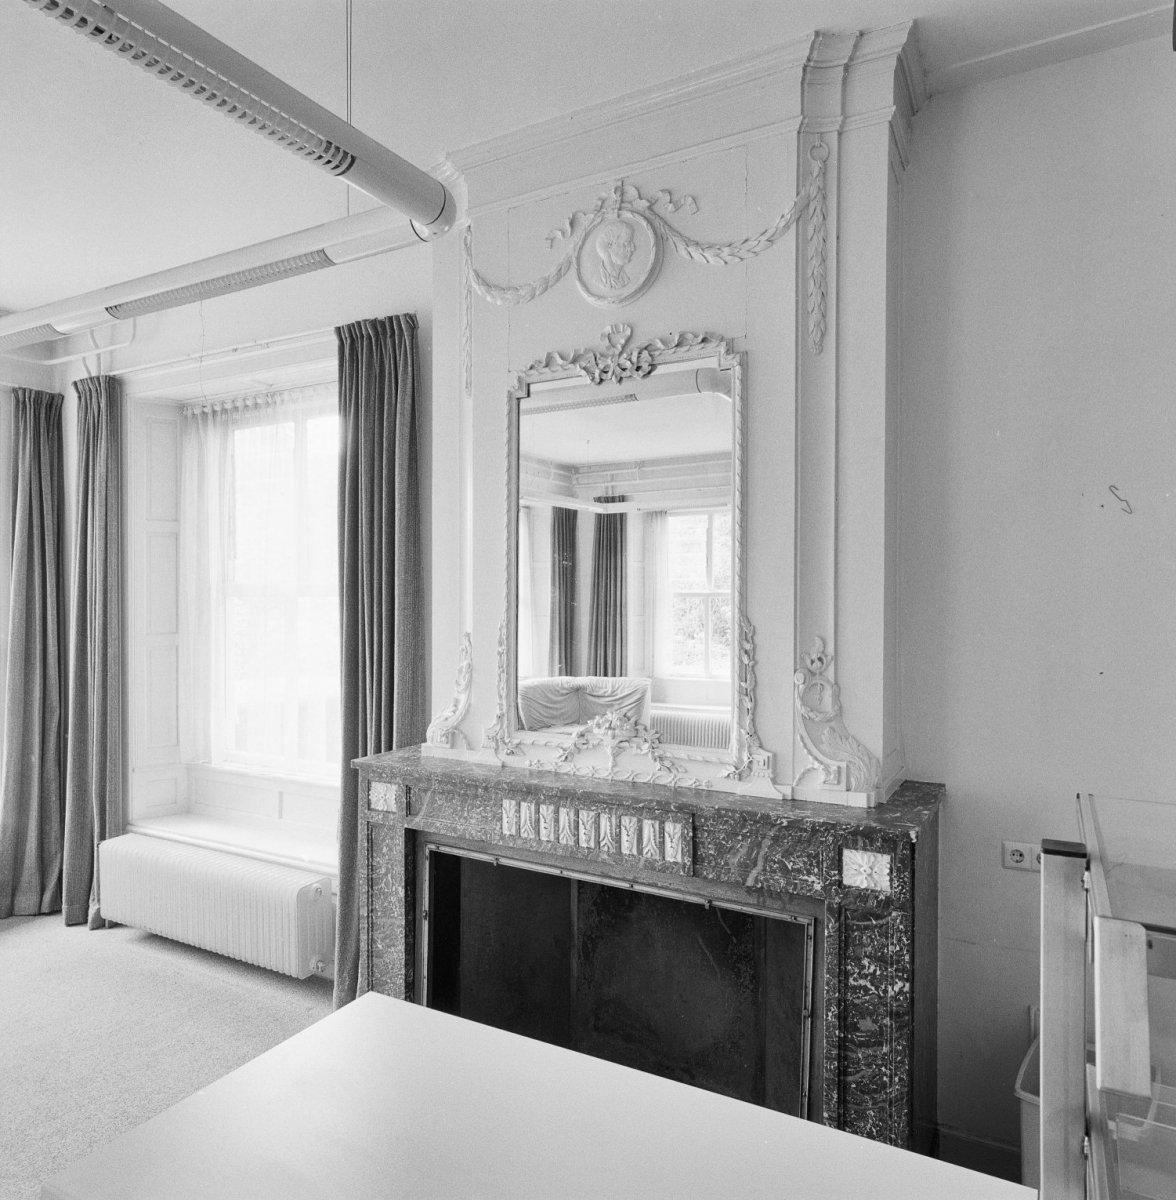 File:Interieur, bel-etage, spiegel boven schouw in herenkamer ...